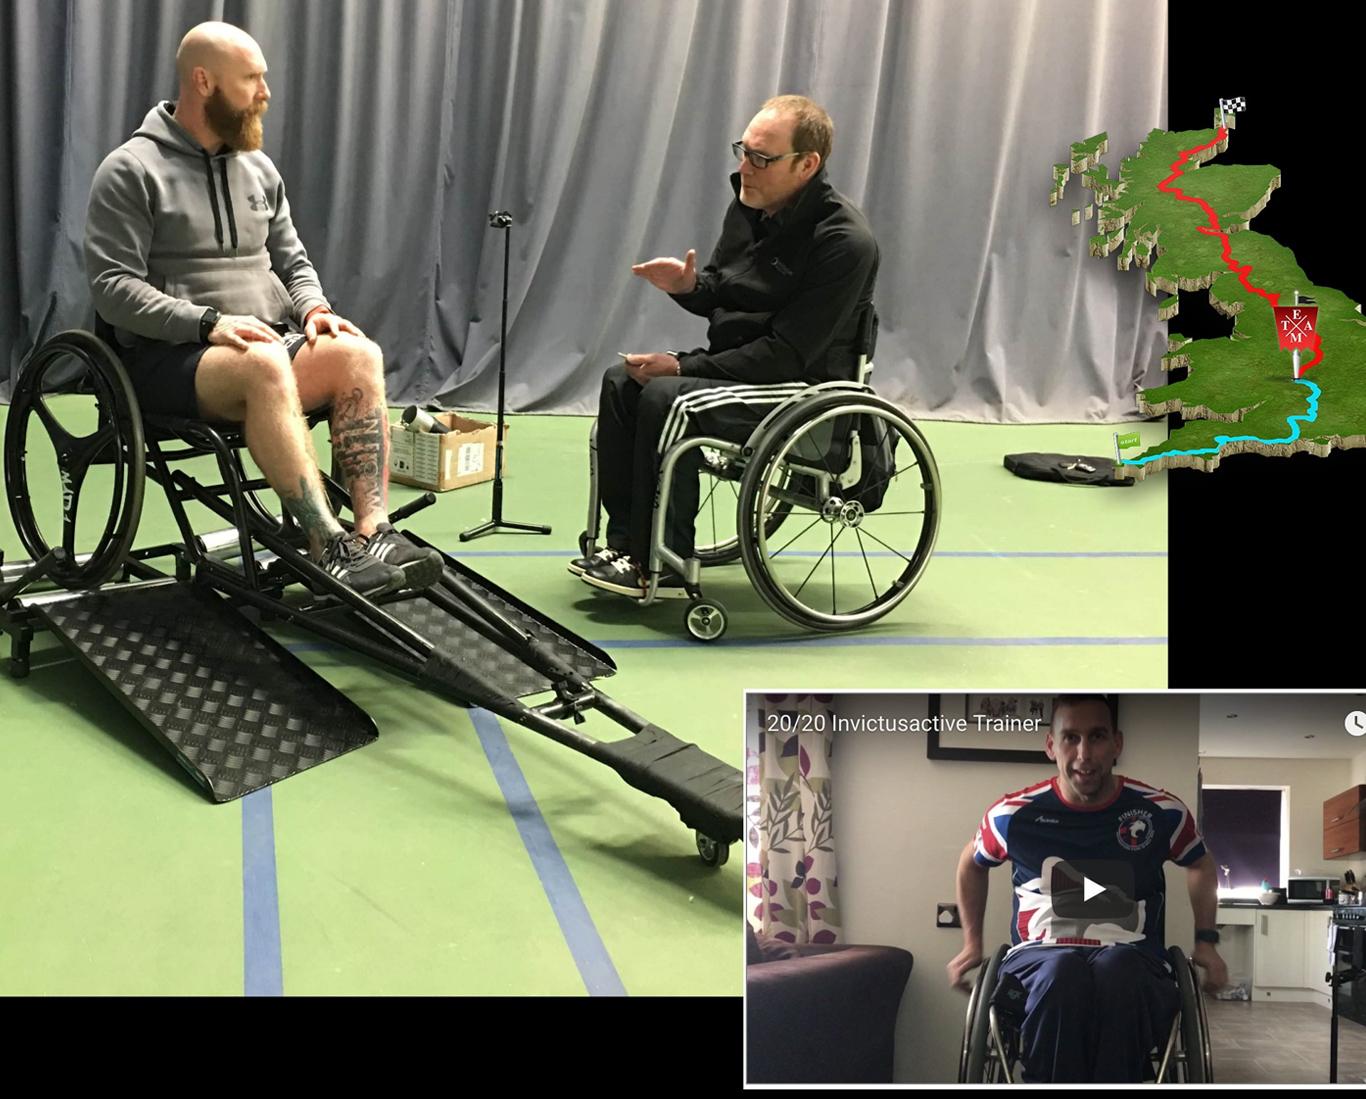 Training for a marathon using a wheelchair